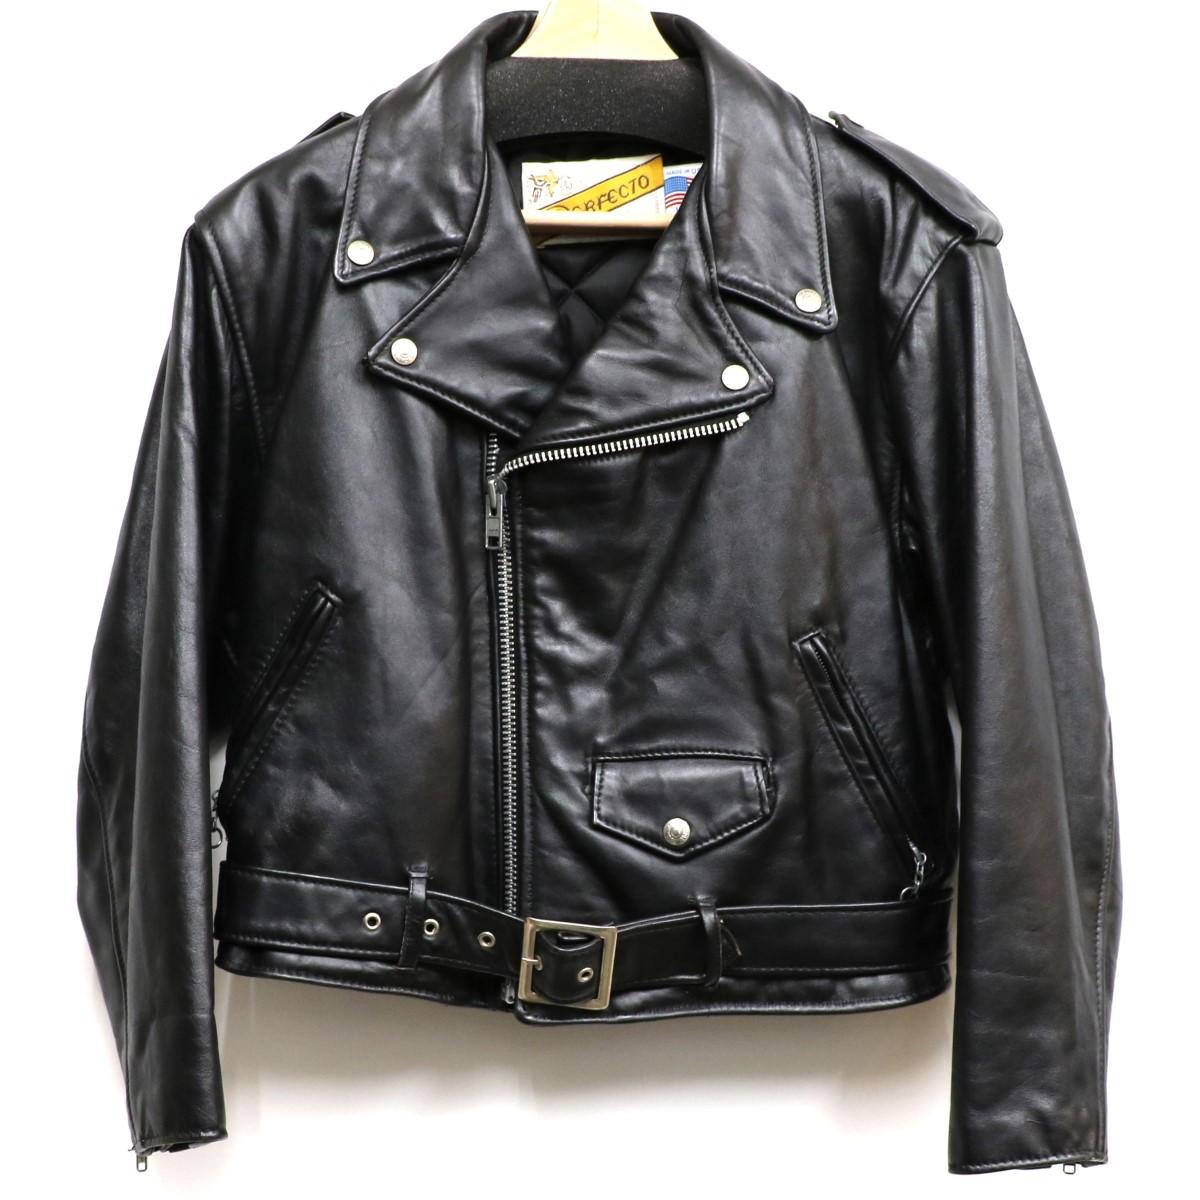 【中古】SCHOTT 80-90S 108W Riders Jacketバイカータグダブルライダースジャケット ブラック サイズ:US10 【140220】(ショット)